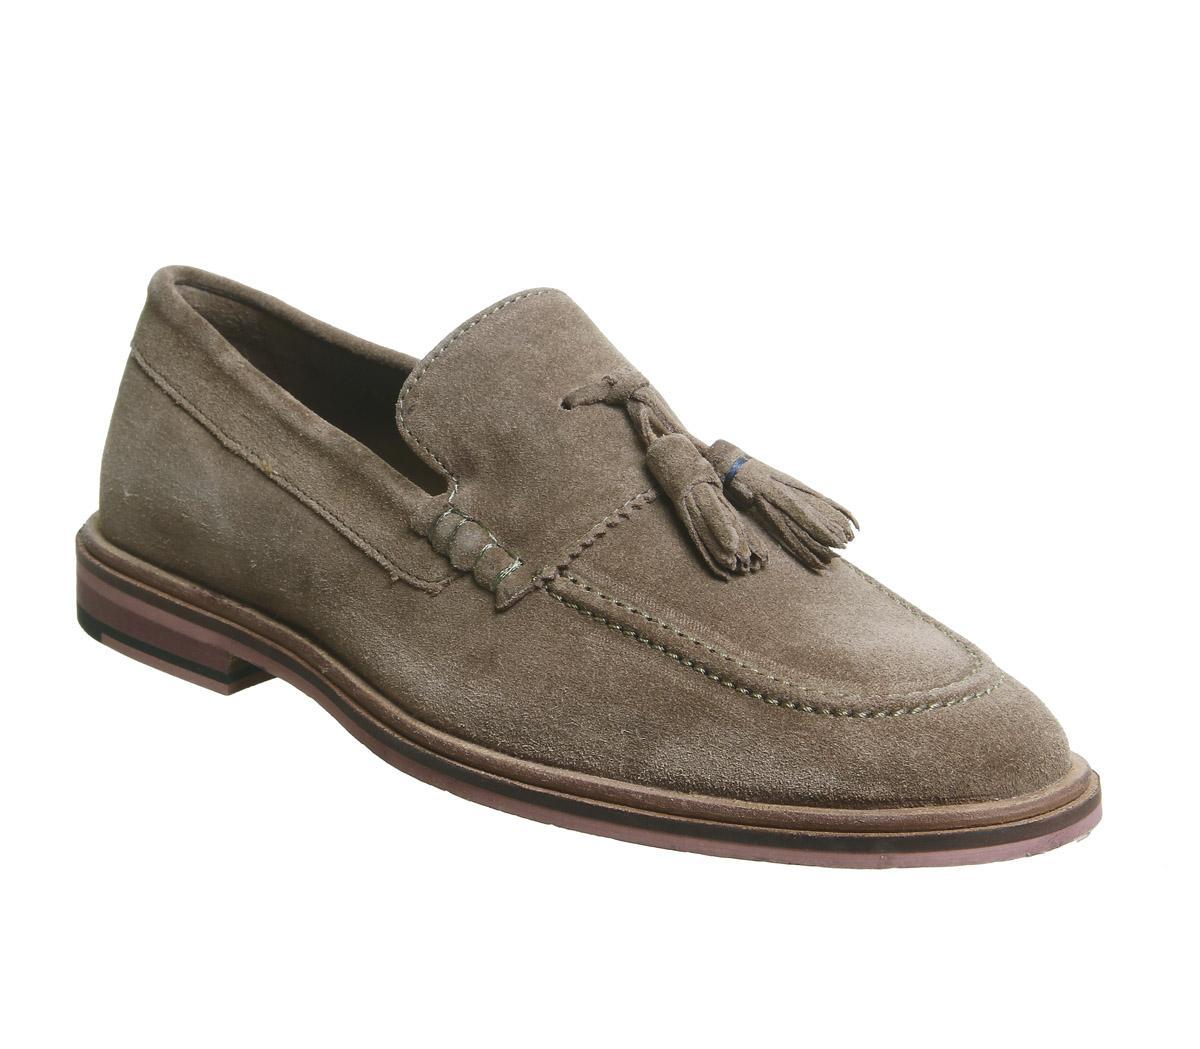 West Tassel Loafers